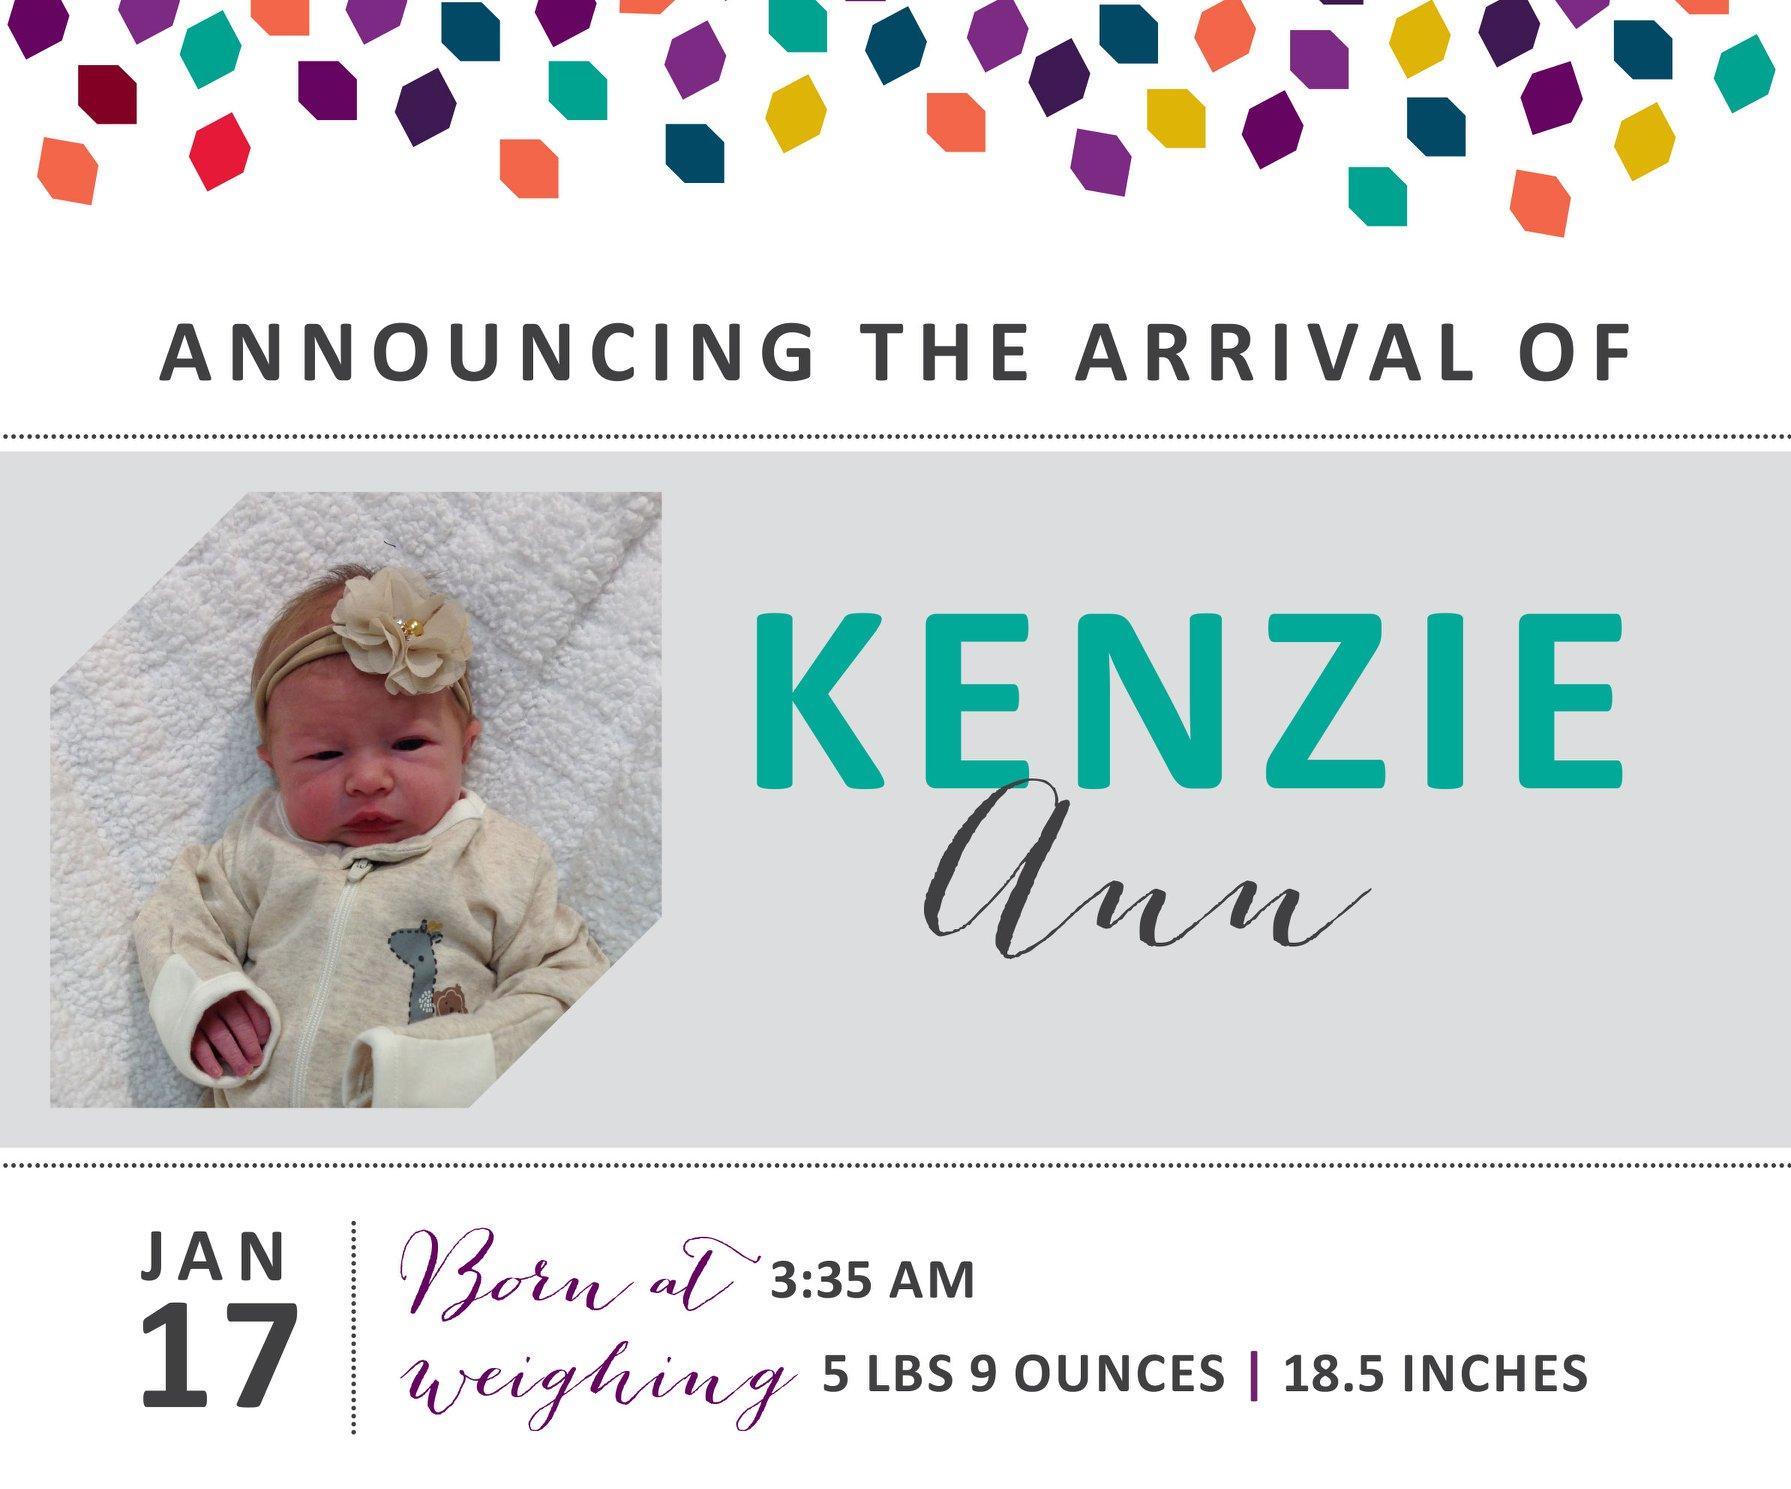 Kenzie Ann 1